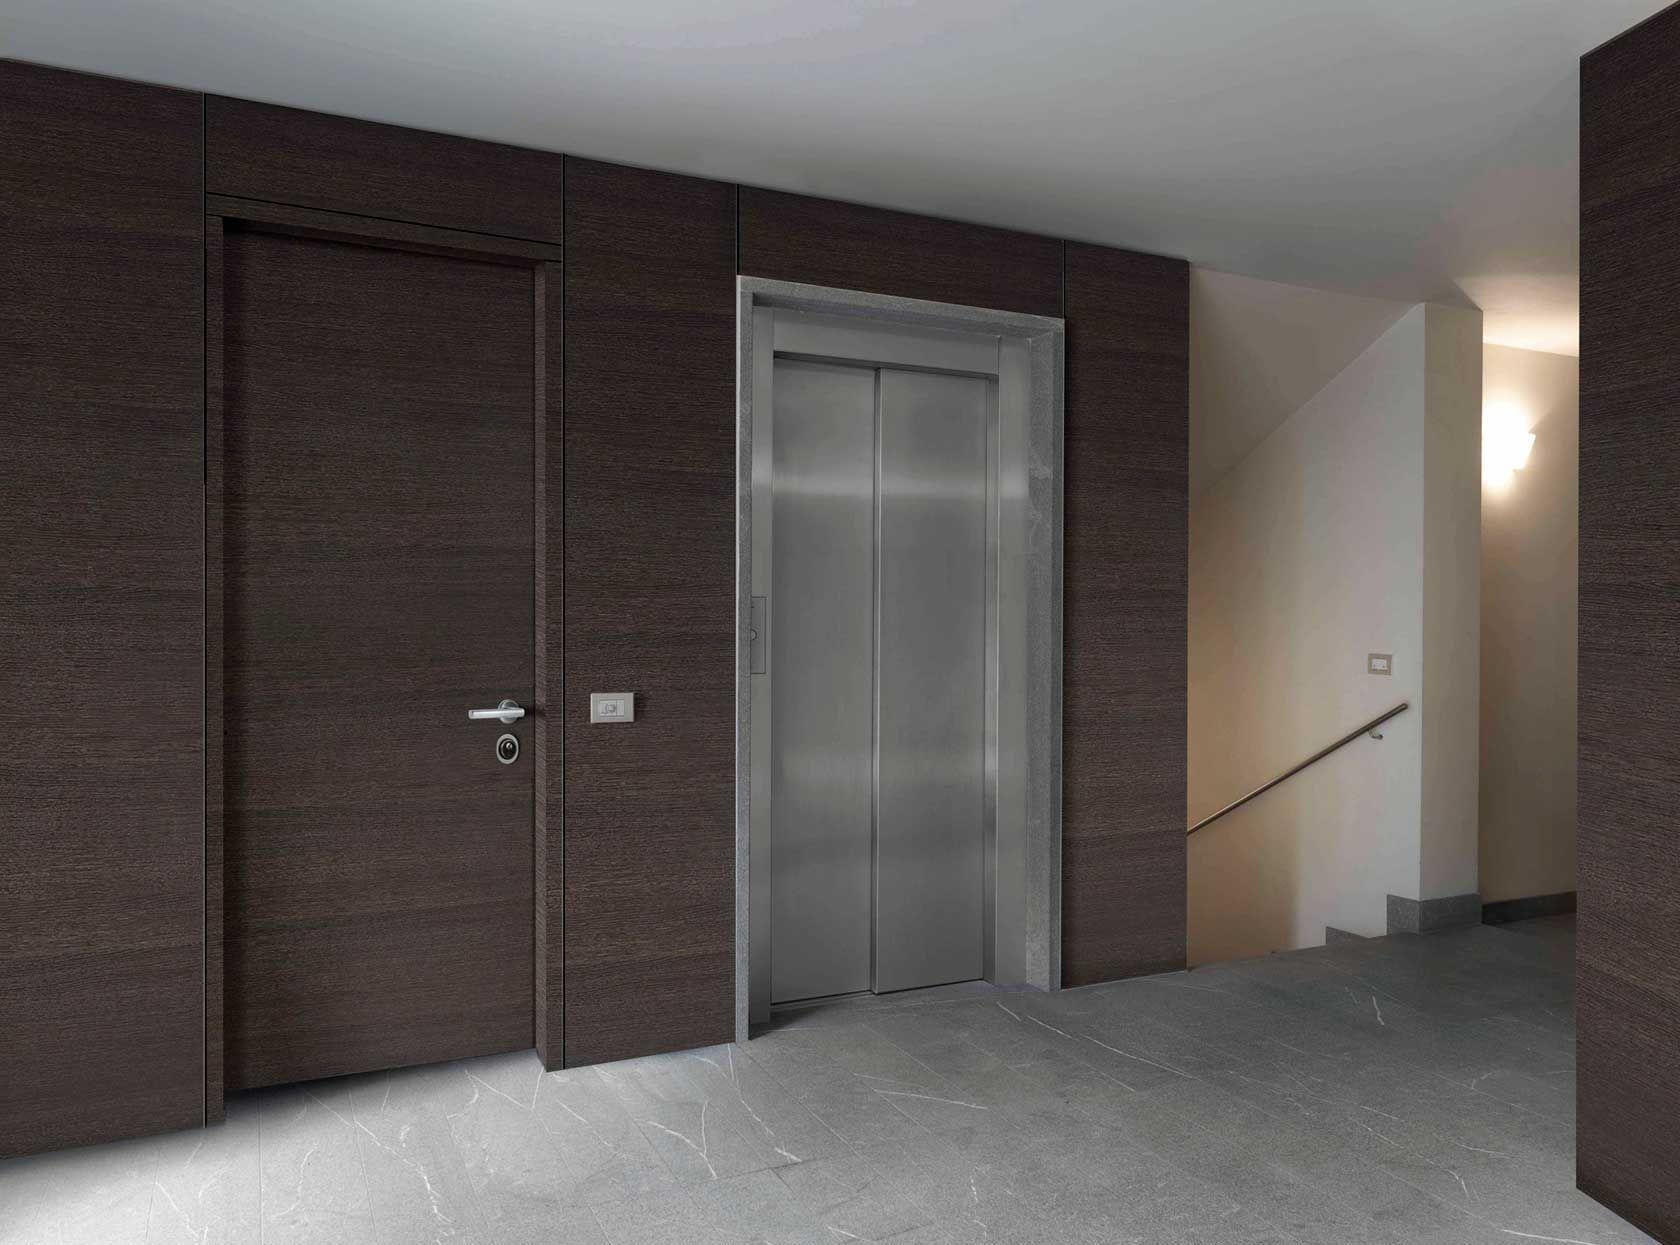 Résultat De Recherche Dimages Pour Appartement Palier Gafi - Porte placard coulissante avec porte blindée appartement